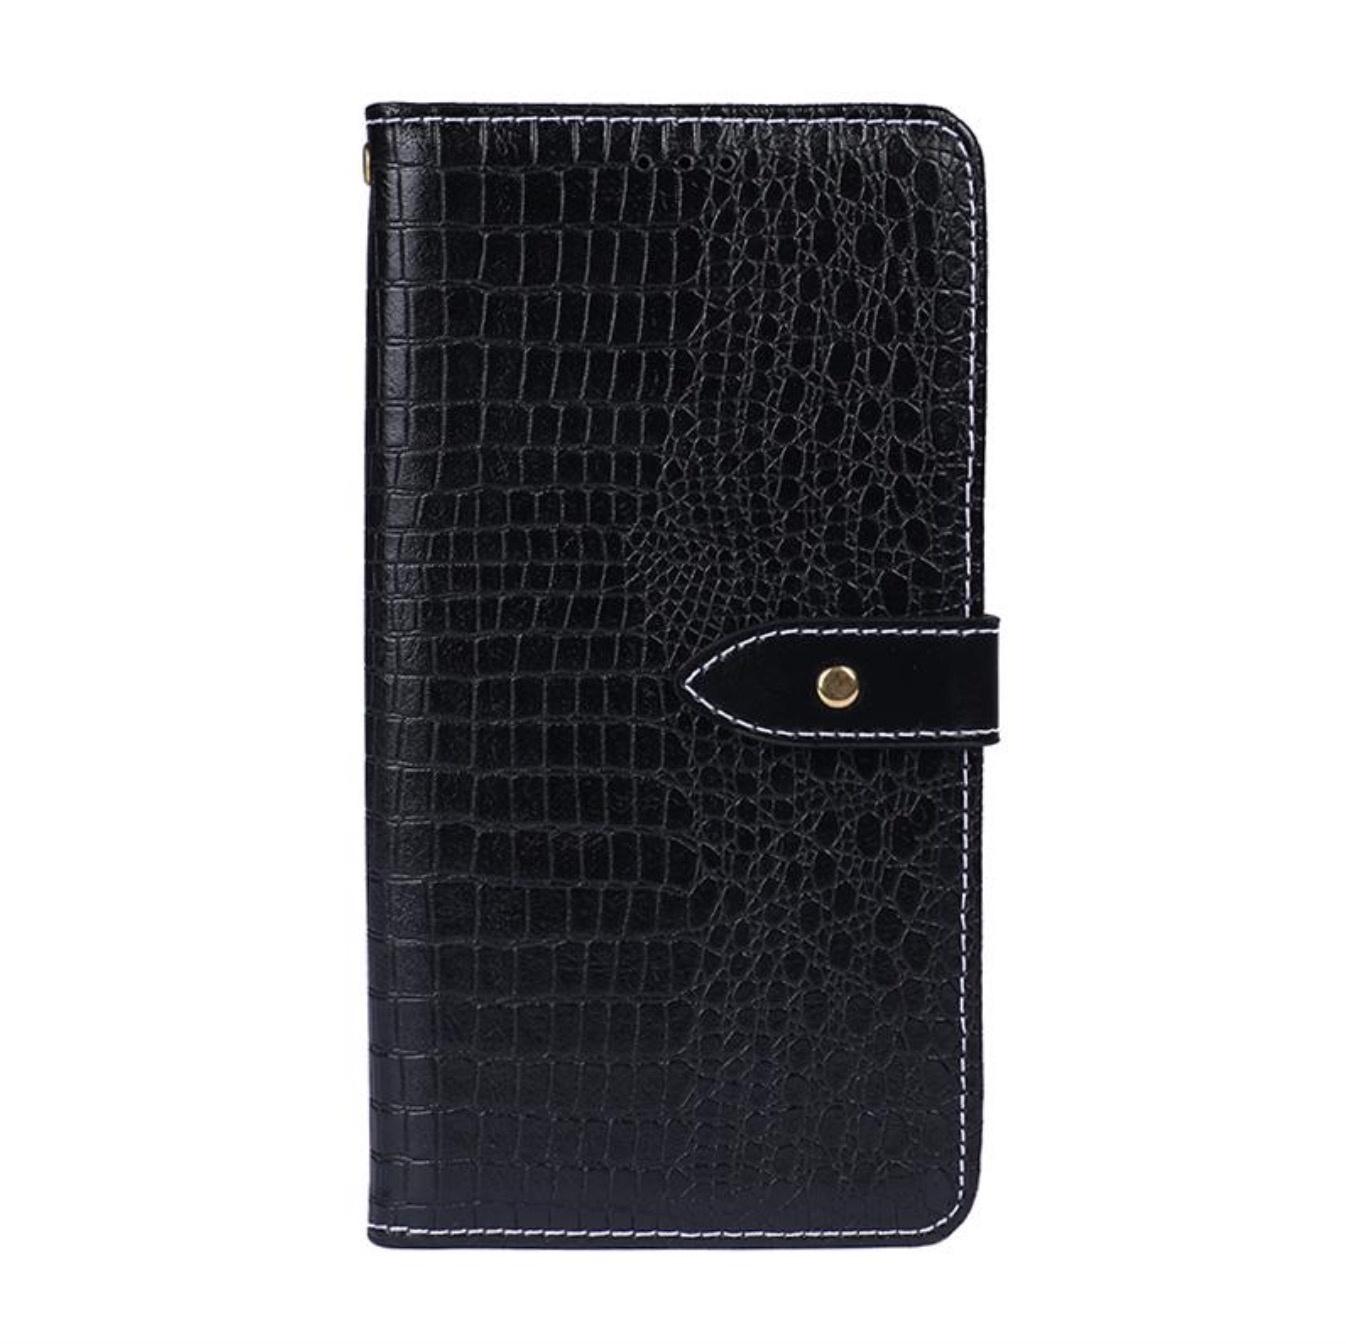 Чехол-книжка MyPads для Huawei Honor 8A/Huawei Y6 (2019)/ Honor 8A Pro/ Y6 Prime 2019 с фактурной прошивкой рельефа кожи крокодила с застежкой и визитницей черный